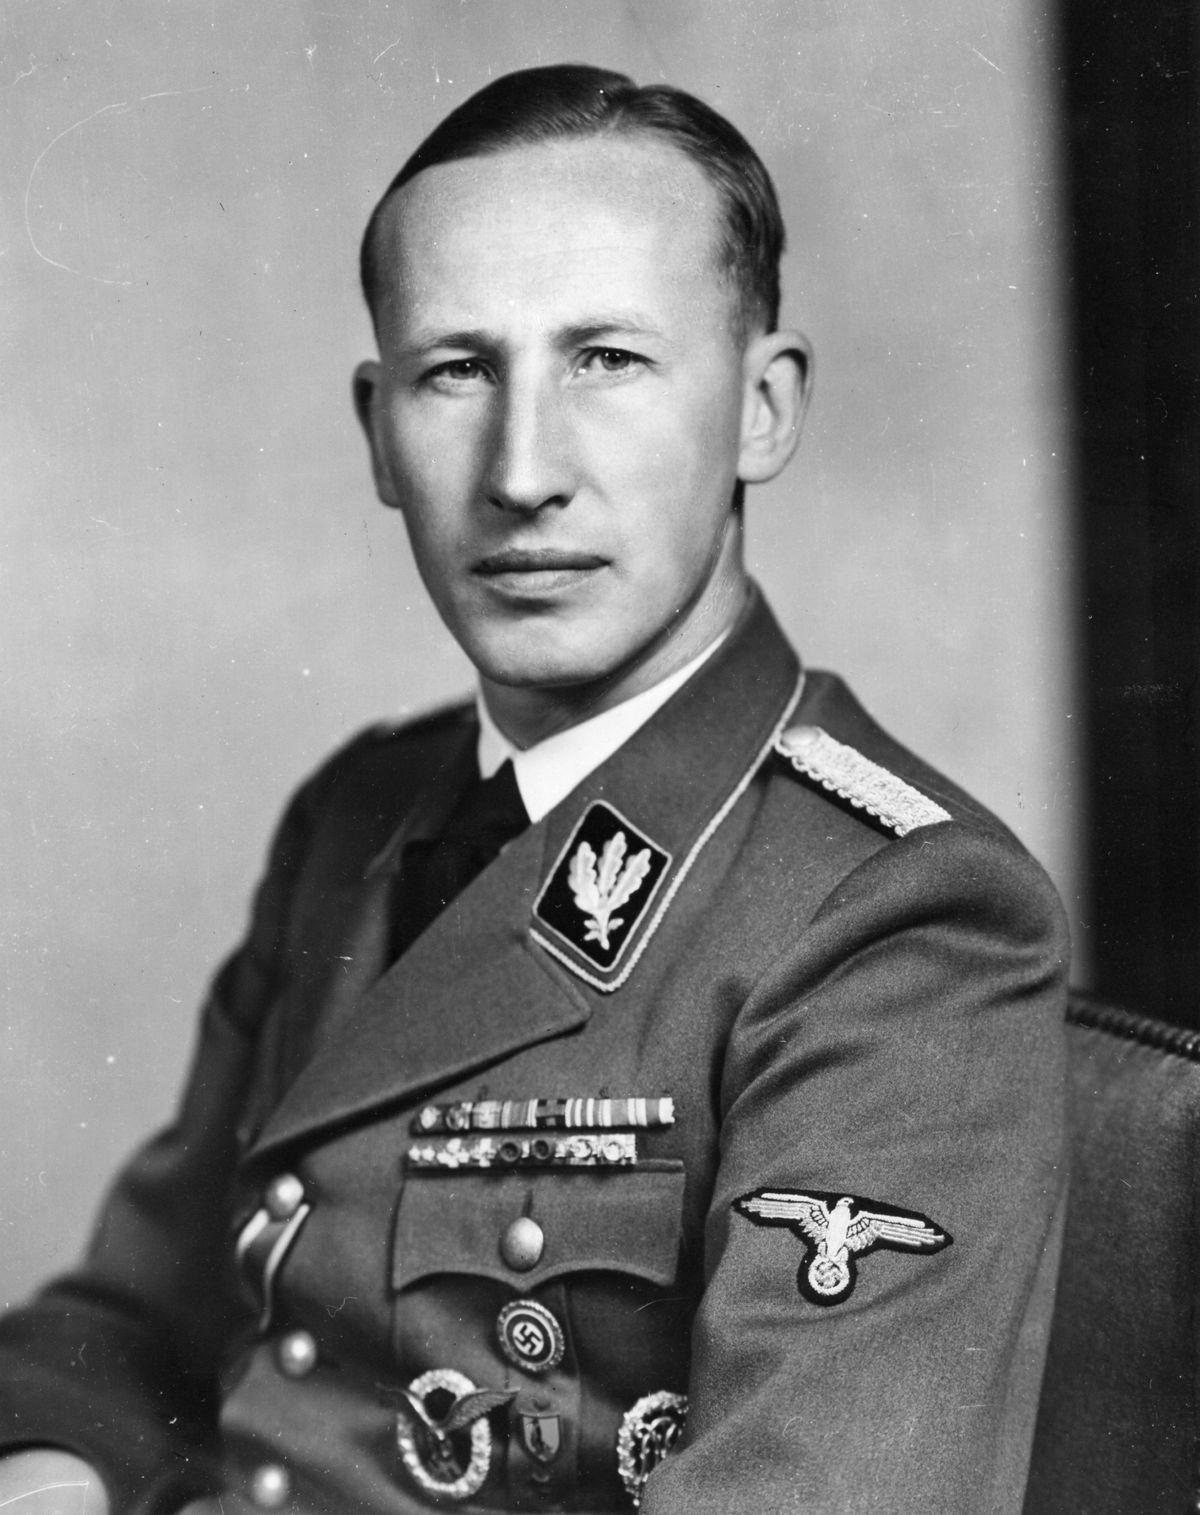 SS General Reinhard Heydrich (1904-42)